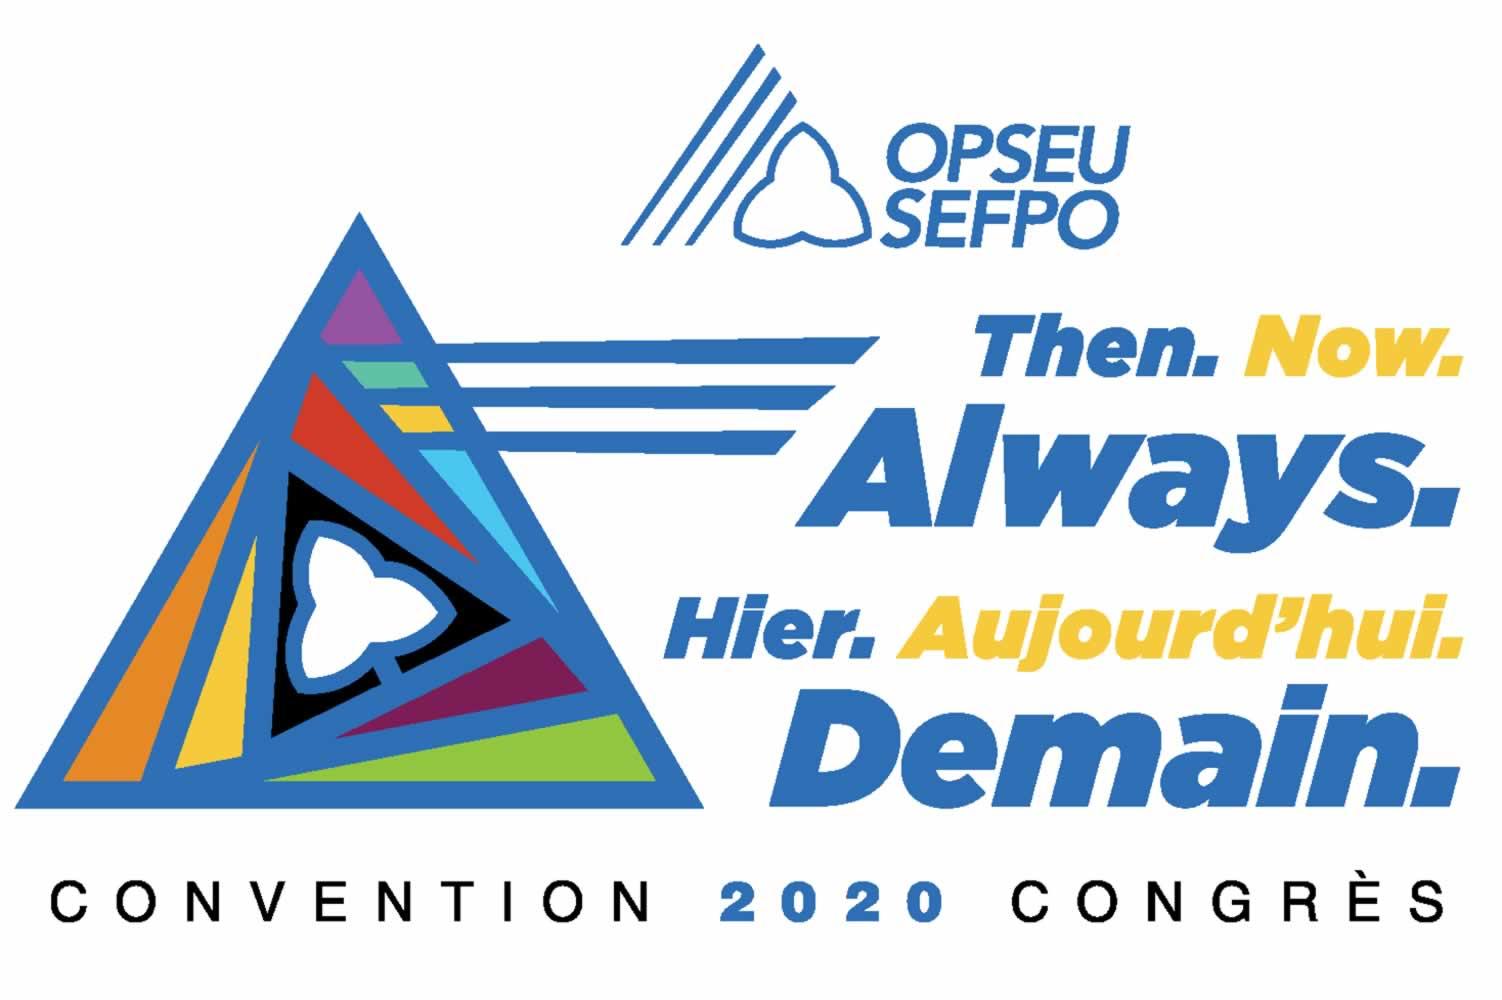 Convention 2020. Then. Now. Always. / Congres 2020. Heir. Aujourd'hi. Demain